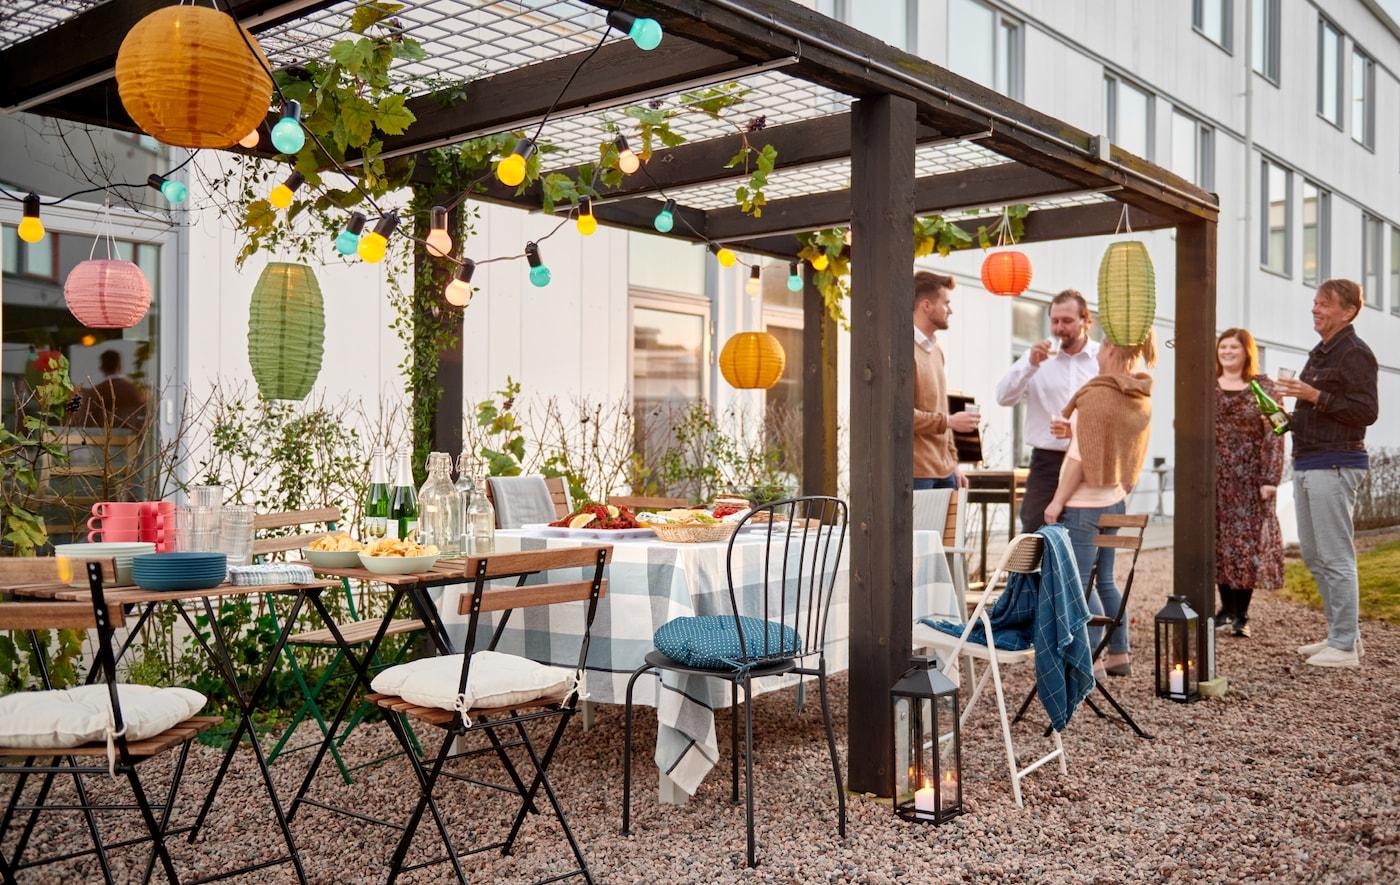 Un grup de oameni stând în picioare lângă un șir de scaune și mese mici aranjate pentru o petrecere sub o pergolă decorată într-o curte.